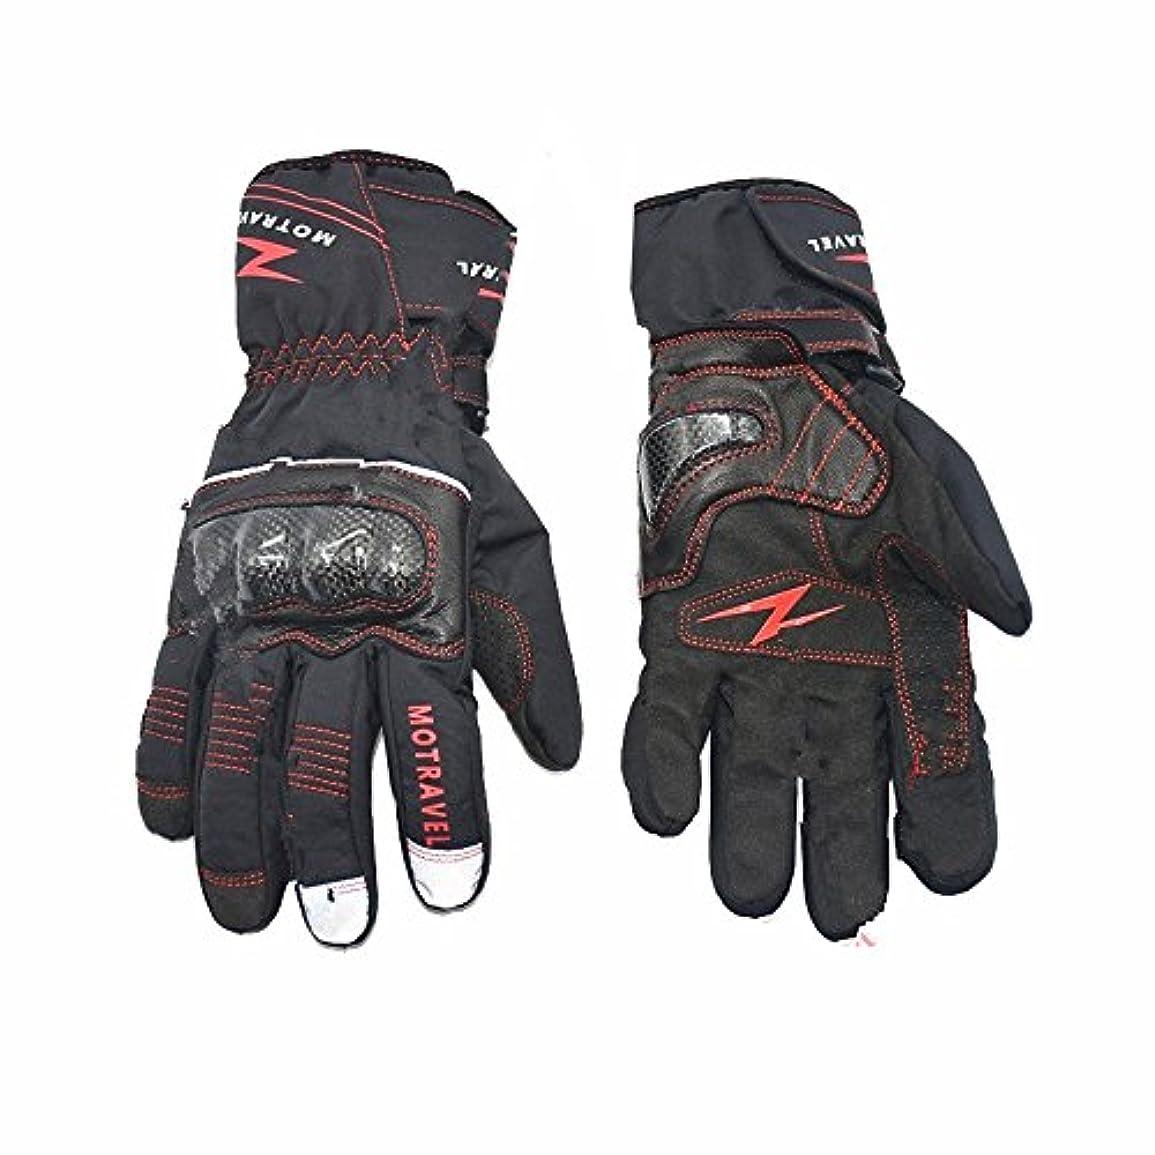 着る空のペレット快適 冬のオートバイの手袋 防水カーボンファイバーウォーム手袋オートバイ乗馬スキーハイキング (サイズ : L)